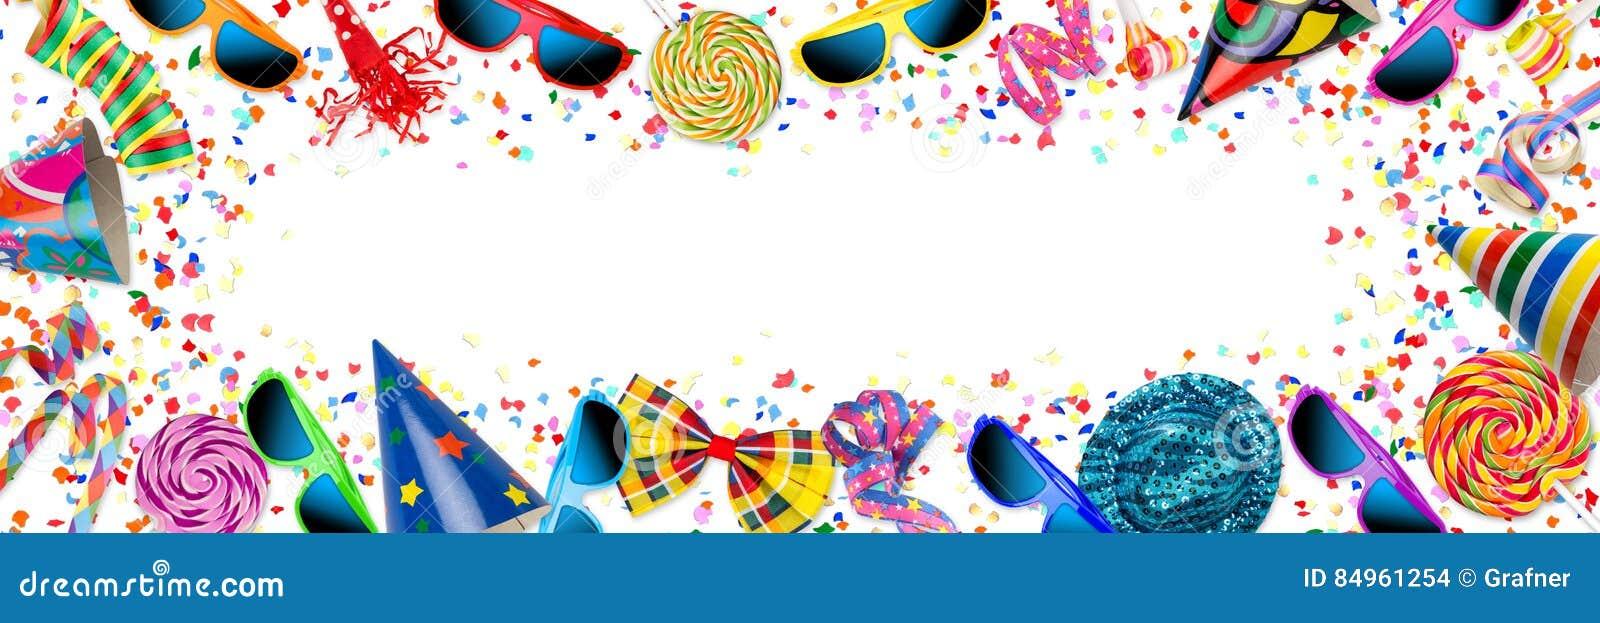 Ζωηρόχρωμος ευρύς εορτασμός γενεθλίων καρναβαλιού κομμάτων πανοράματος backg